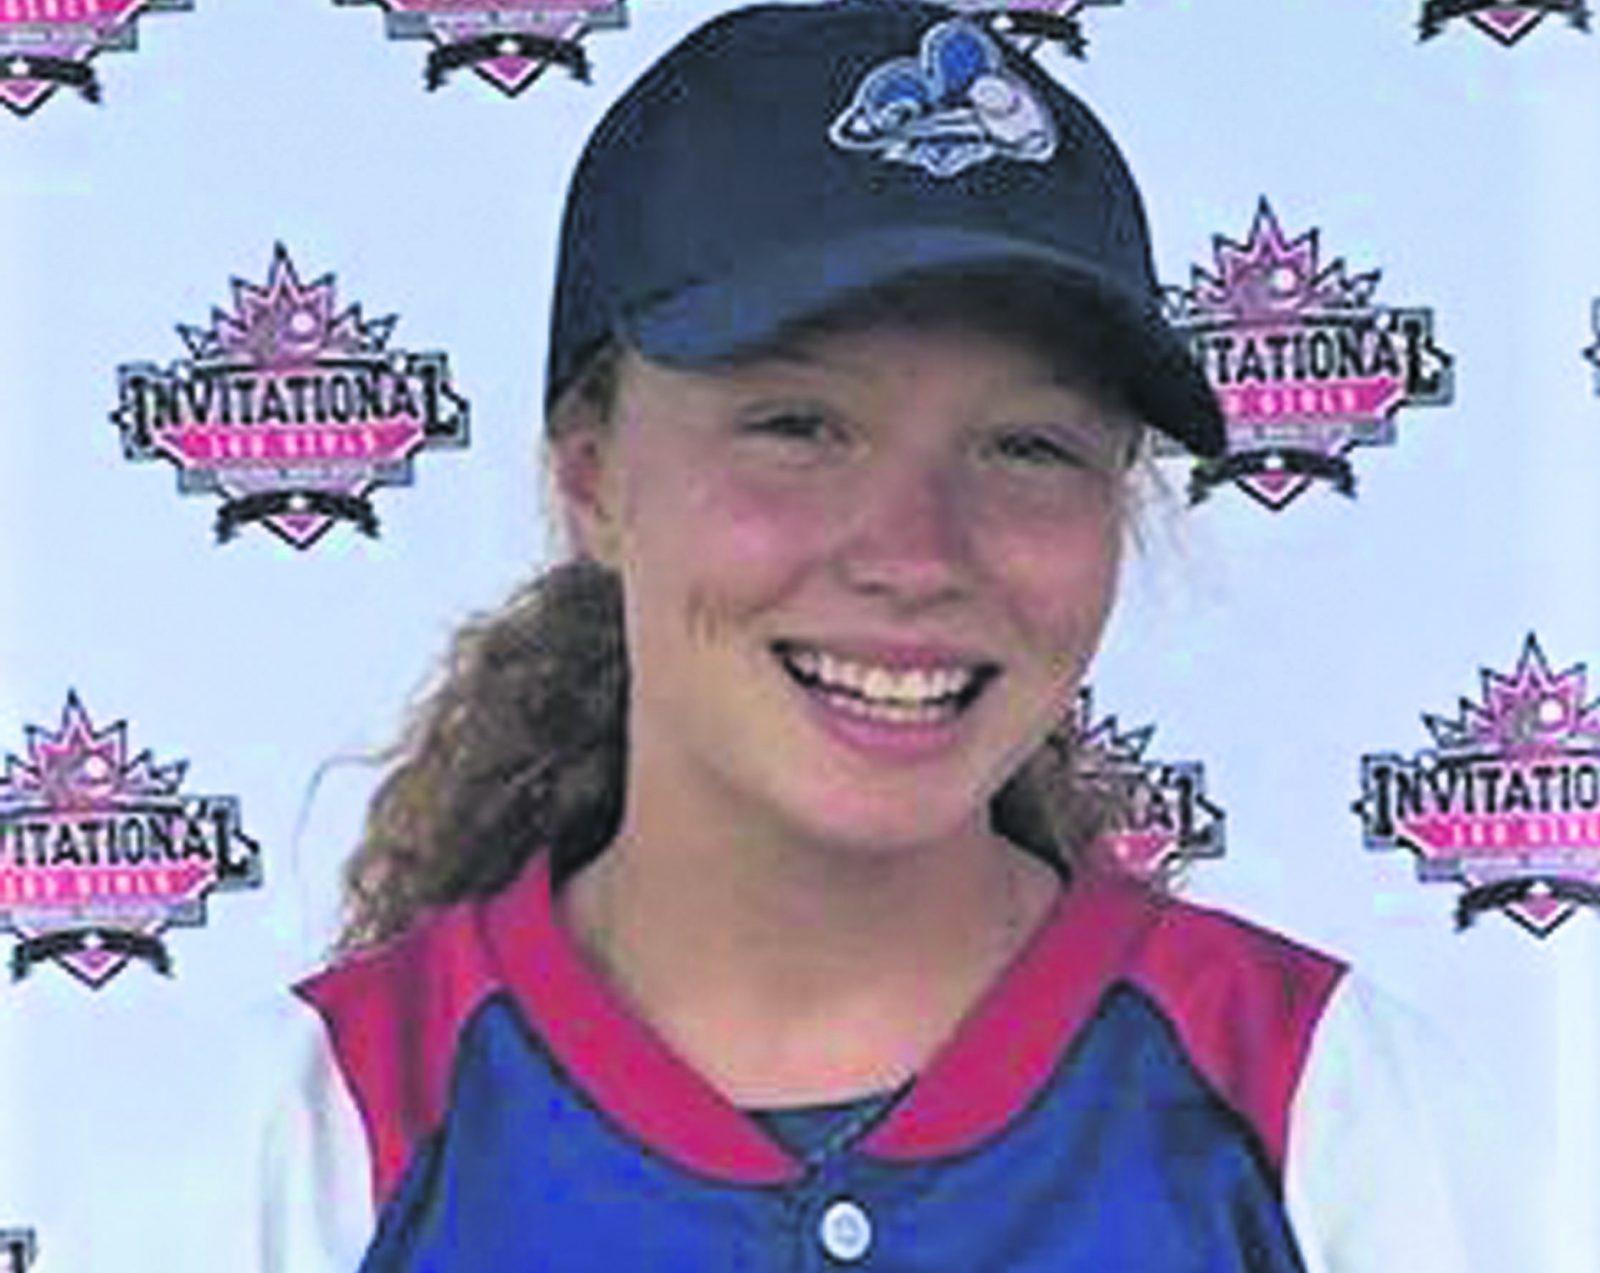 Équipe Québec U14 de baseball – Maïka Lowe vit une très belle aventure sur le terrain